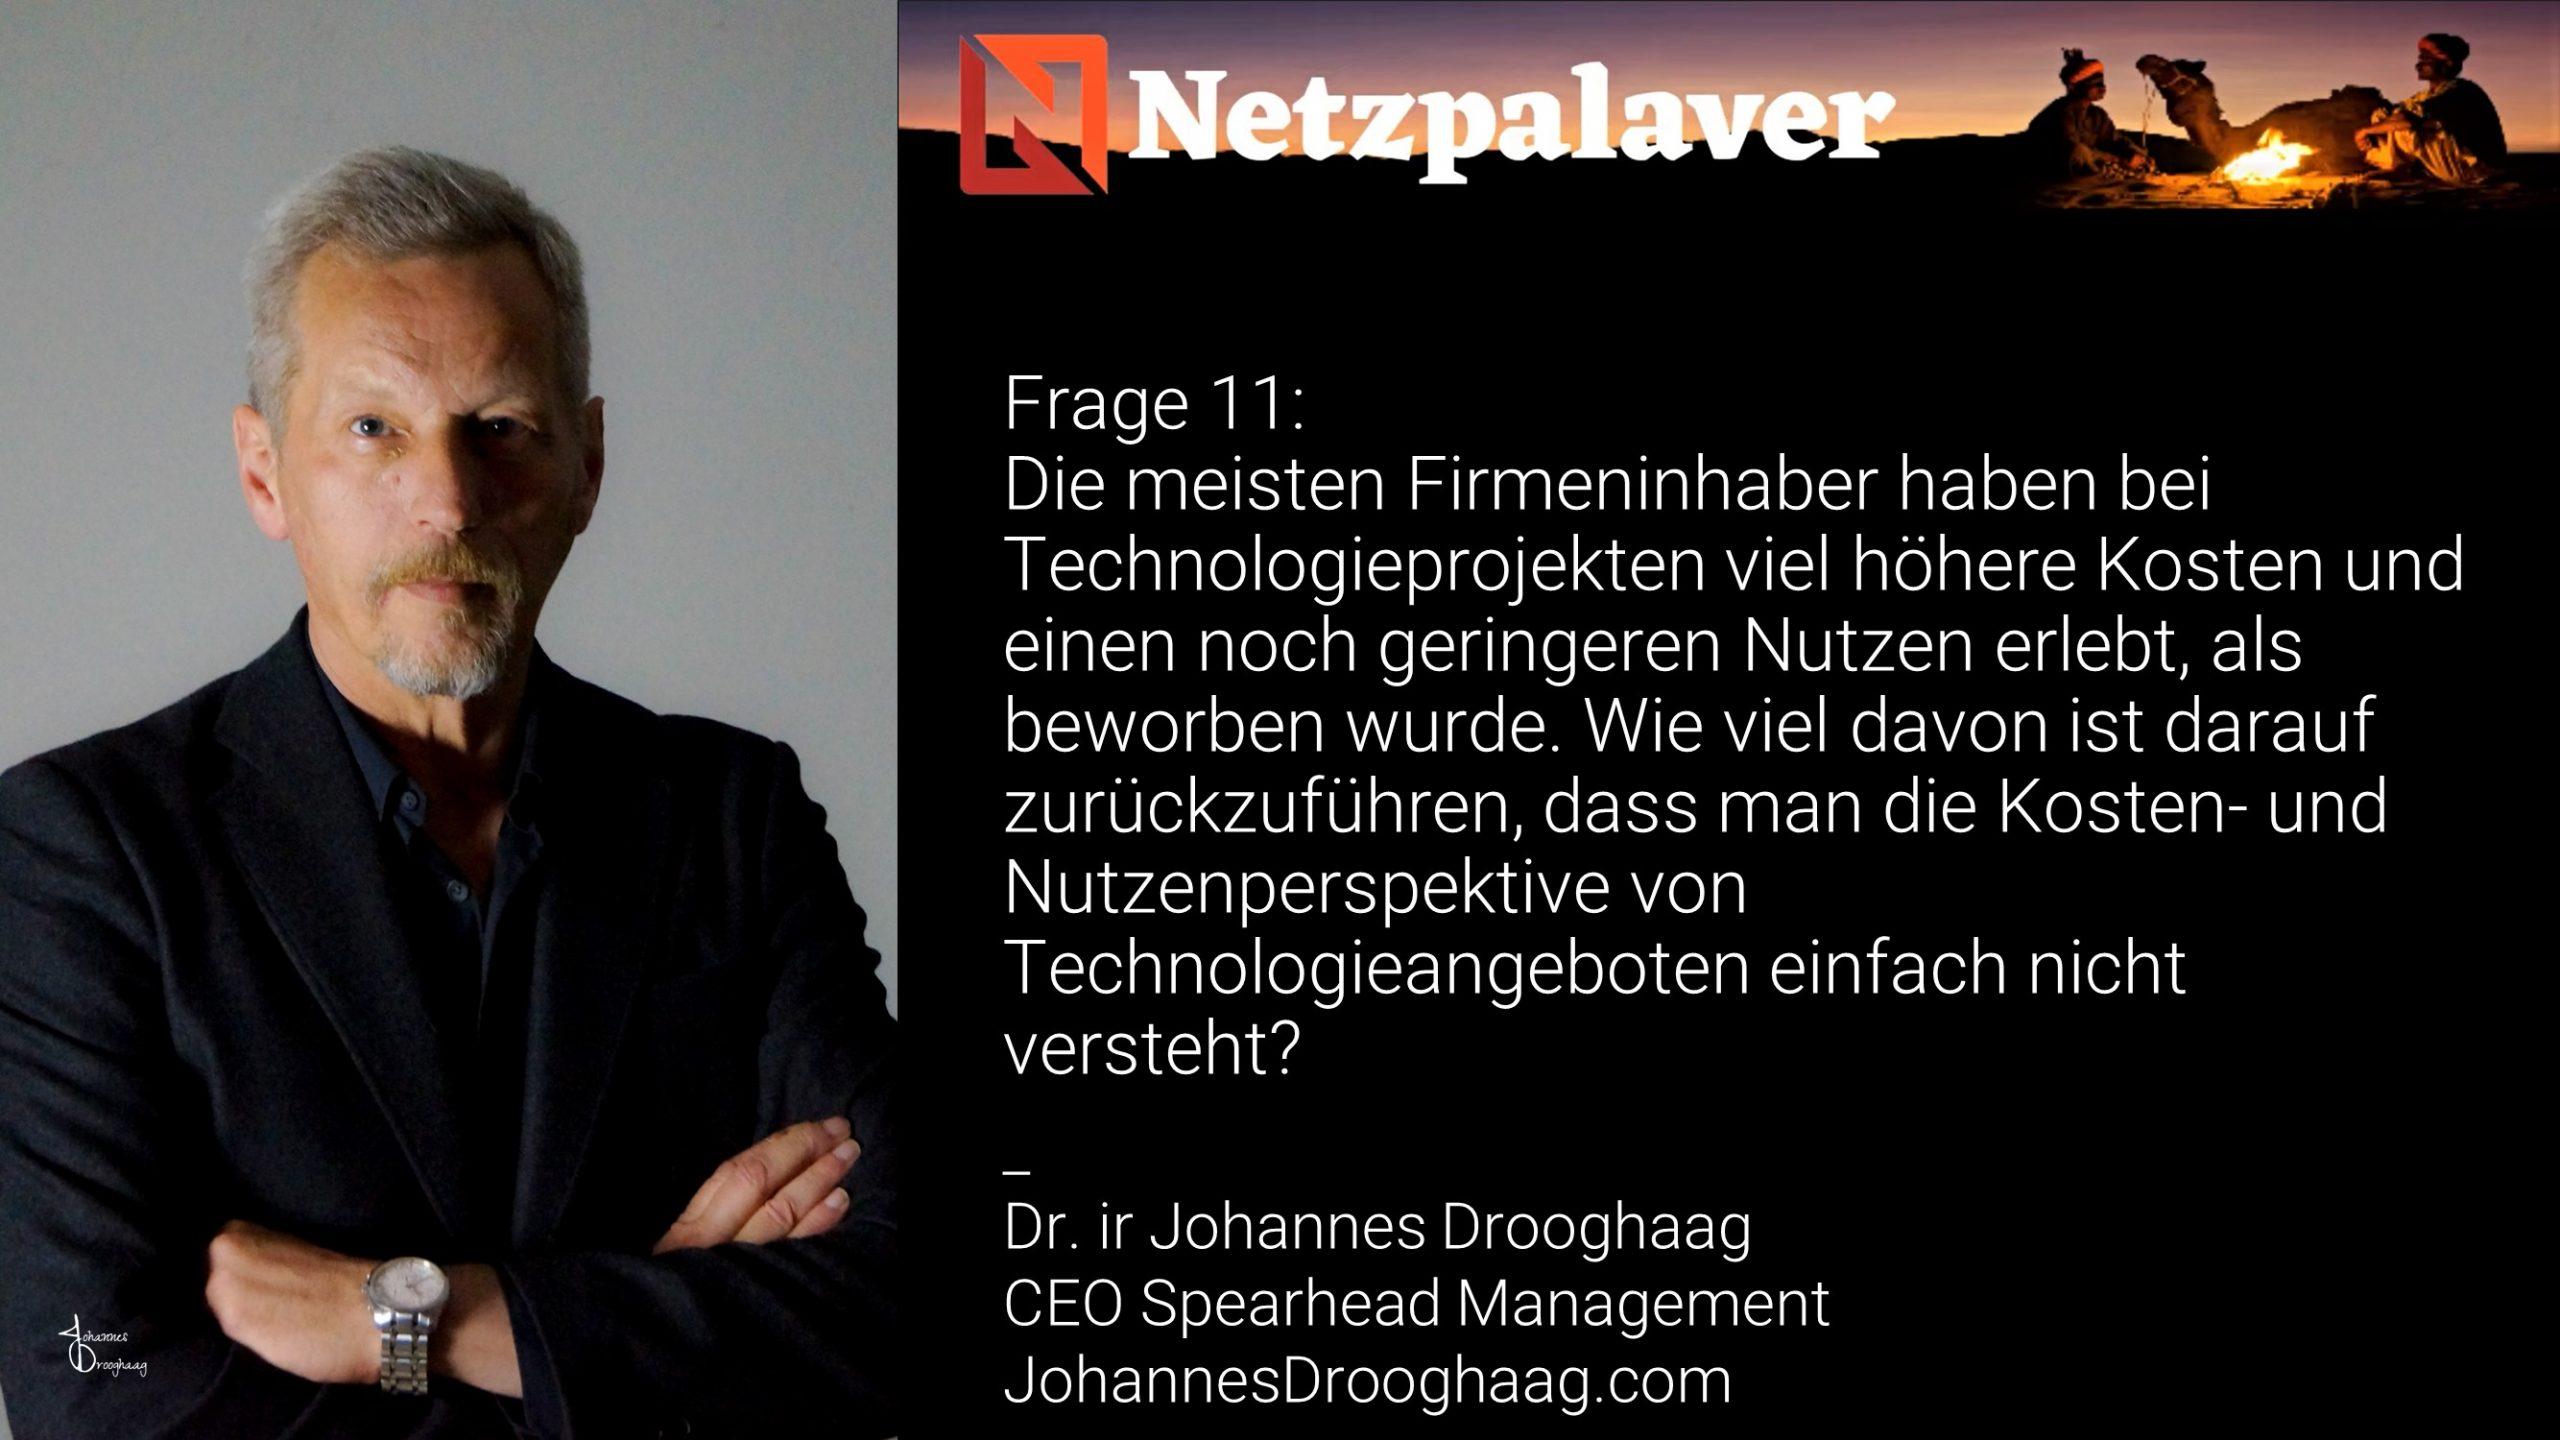 Netzpalaver: Mittelstand und Digitalisierung - Frage 11